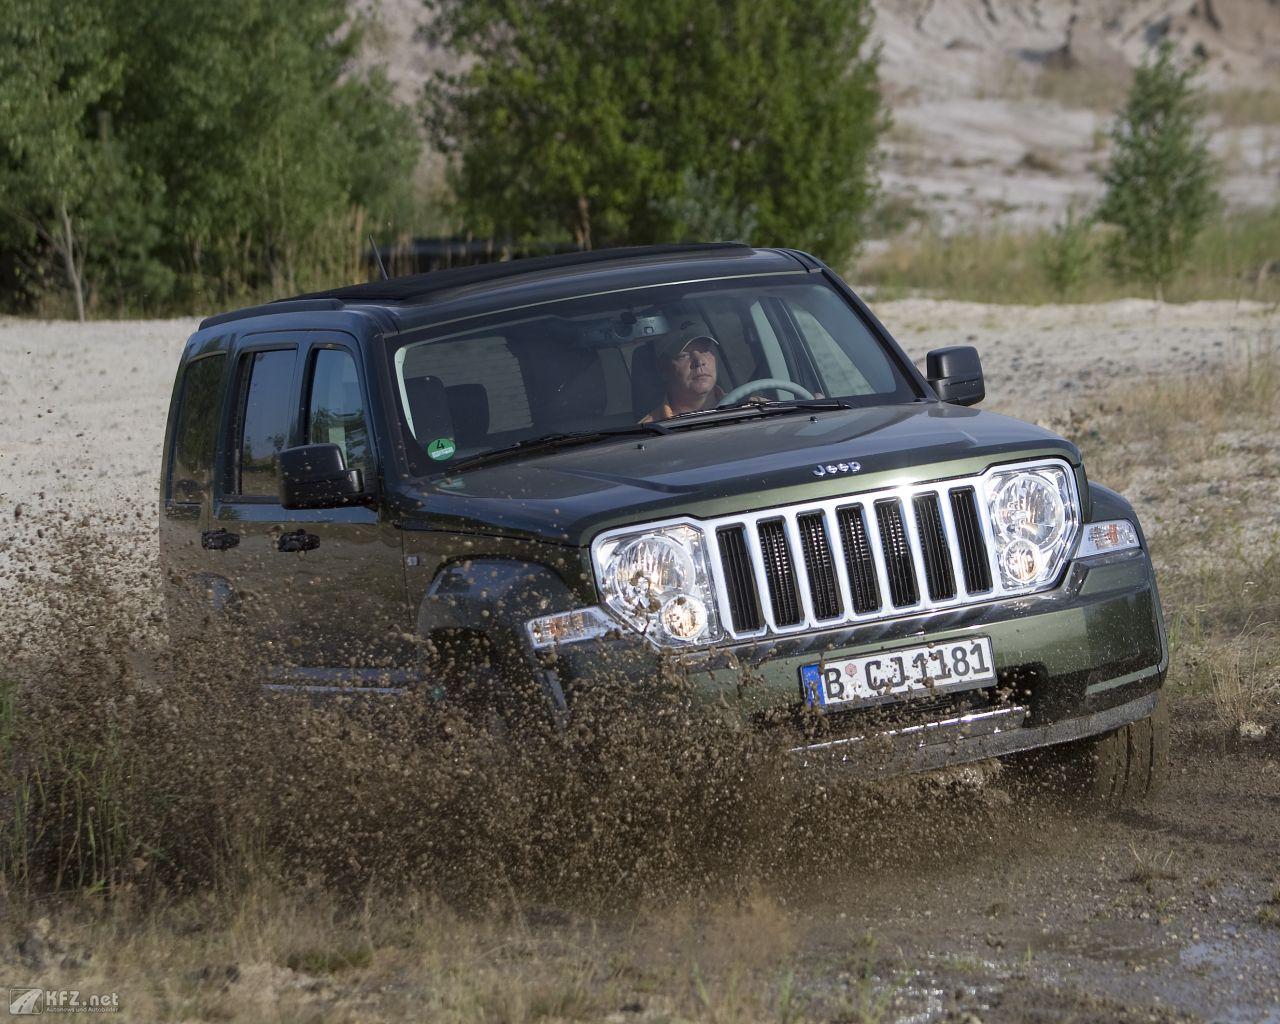 jeep-cherokee-1280x1024-19